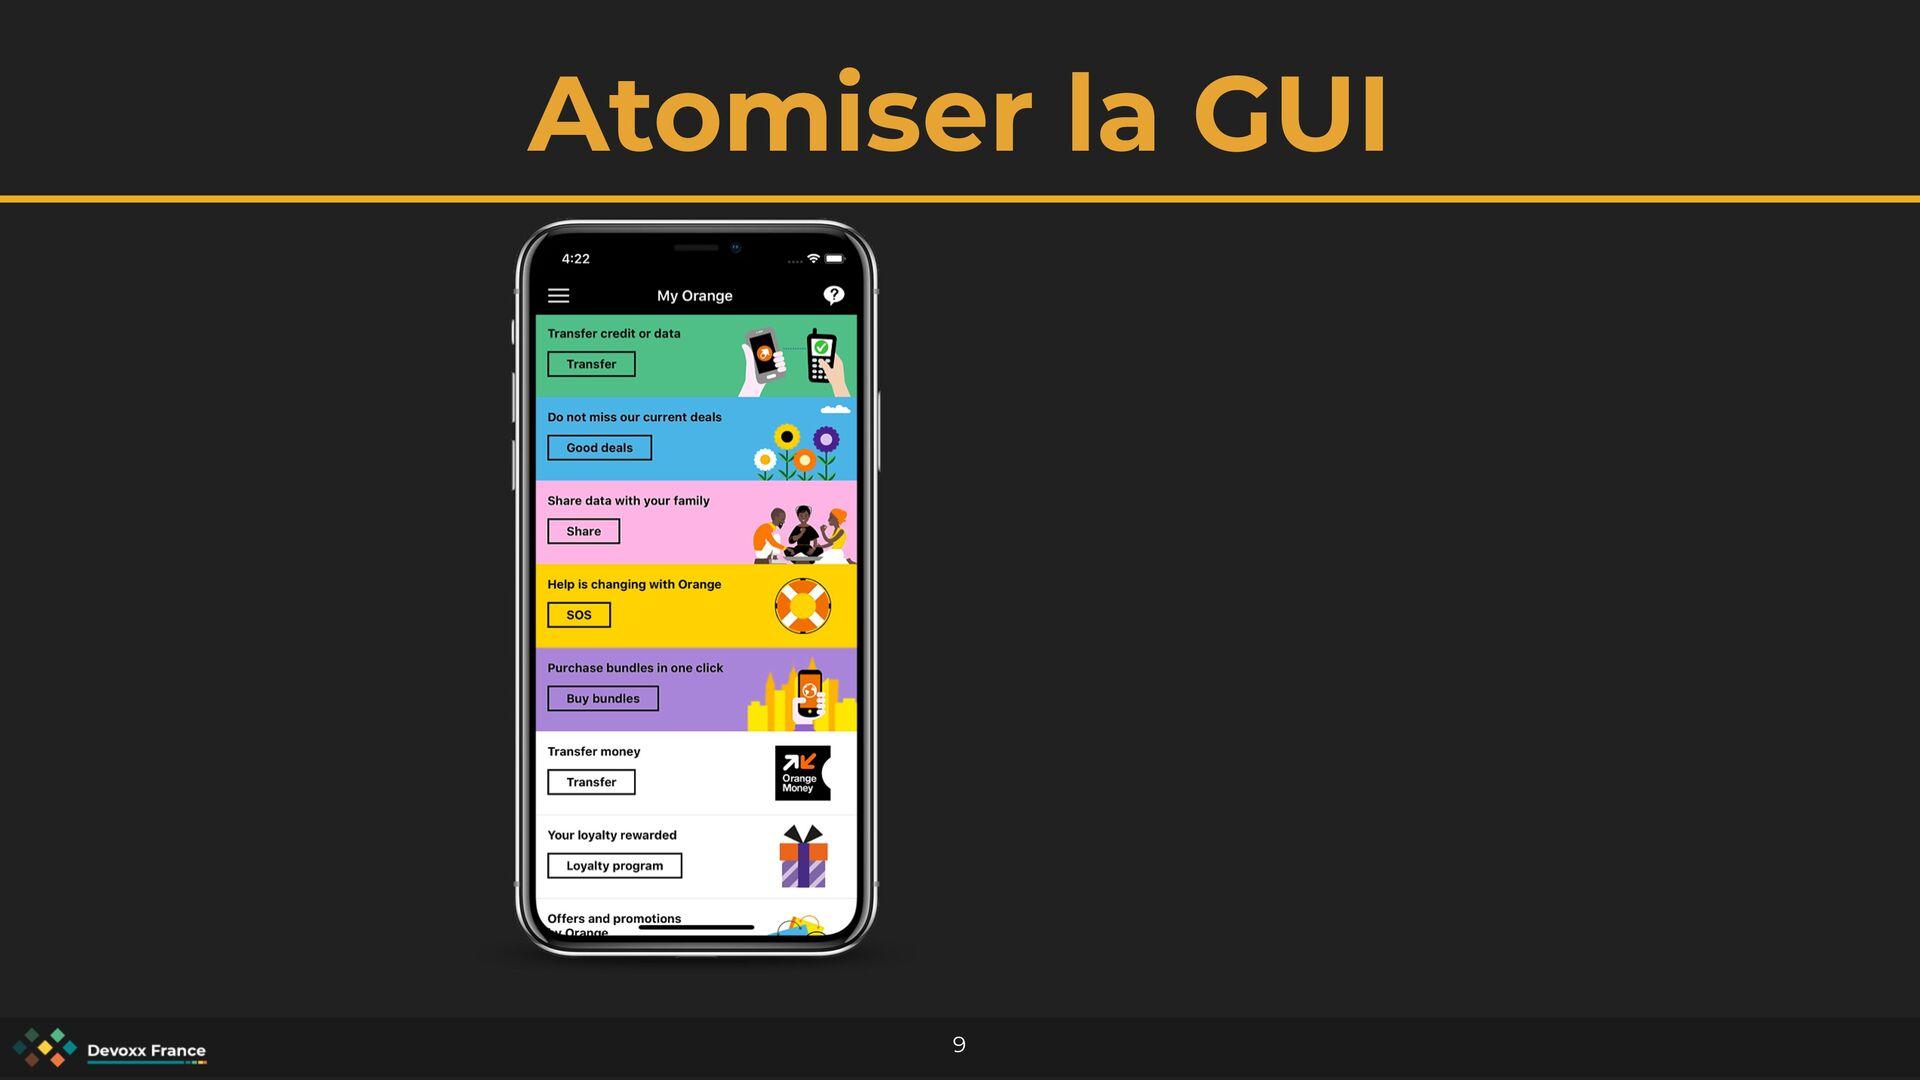 Atomiser la GUI 9